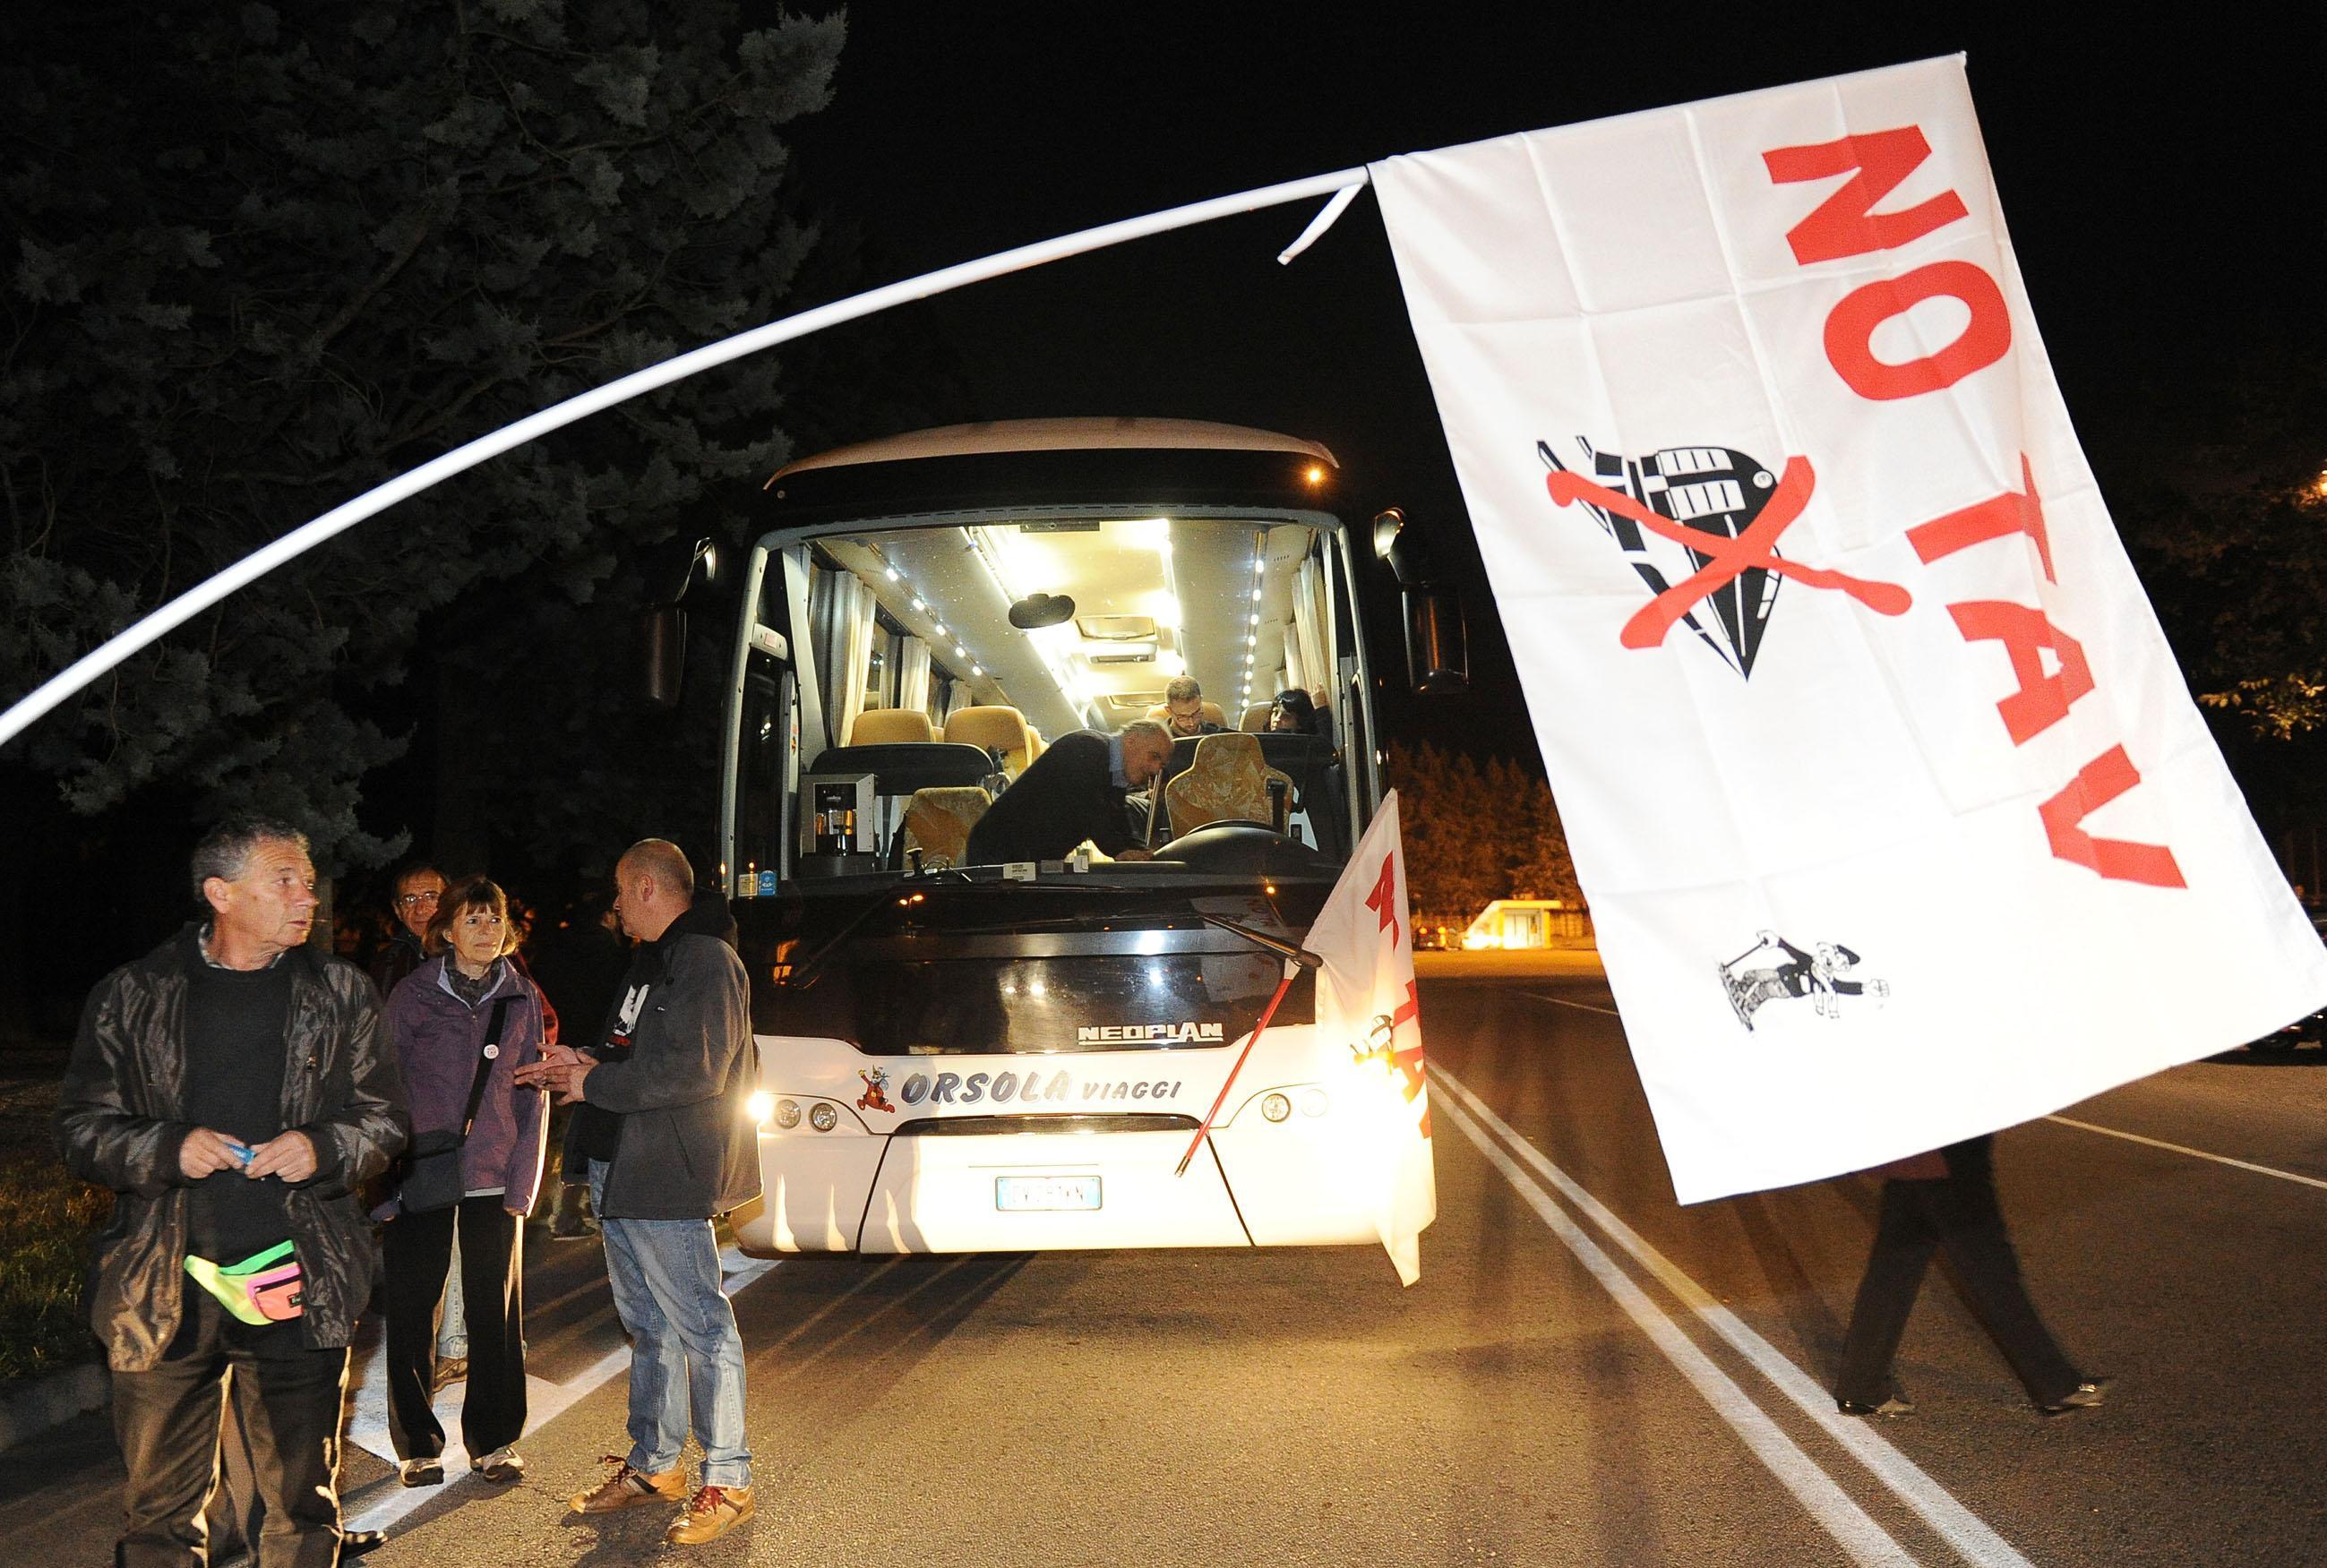 Autobus da tutta Italia per la manifestazione No Tav del 6/05!